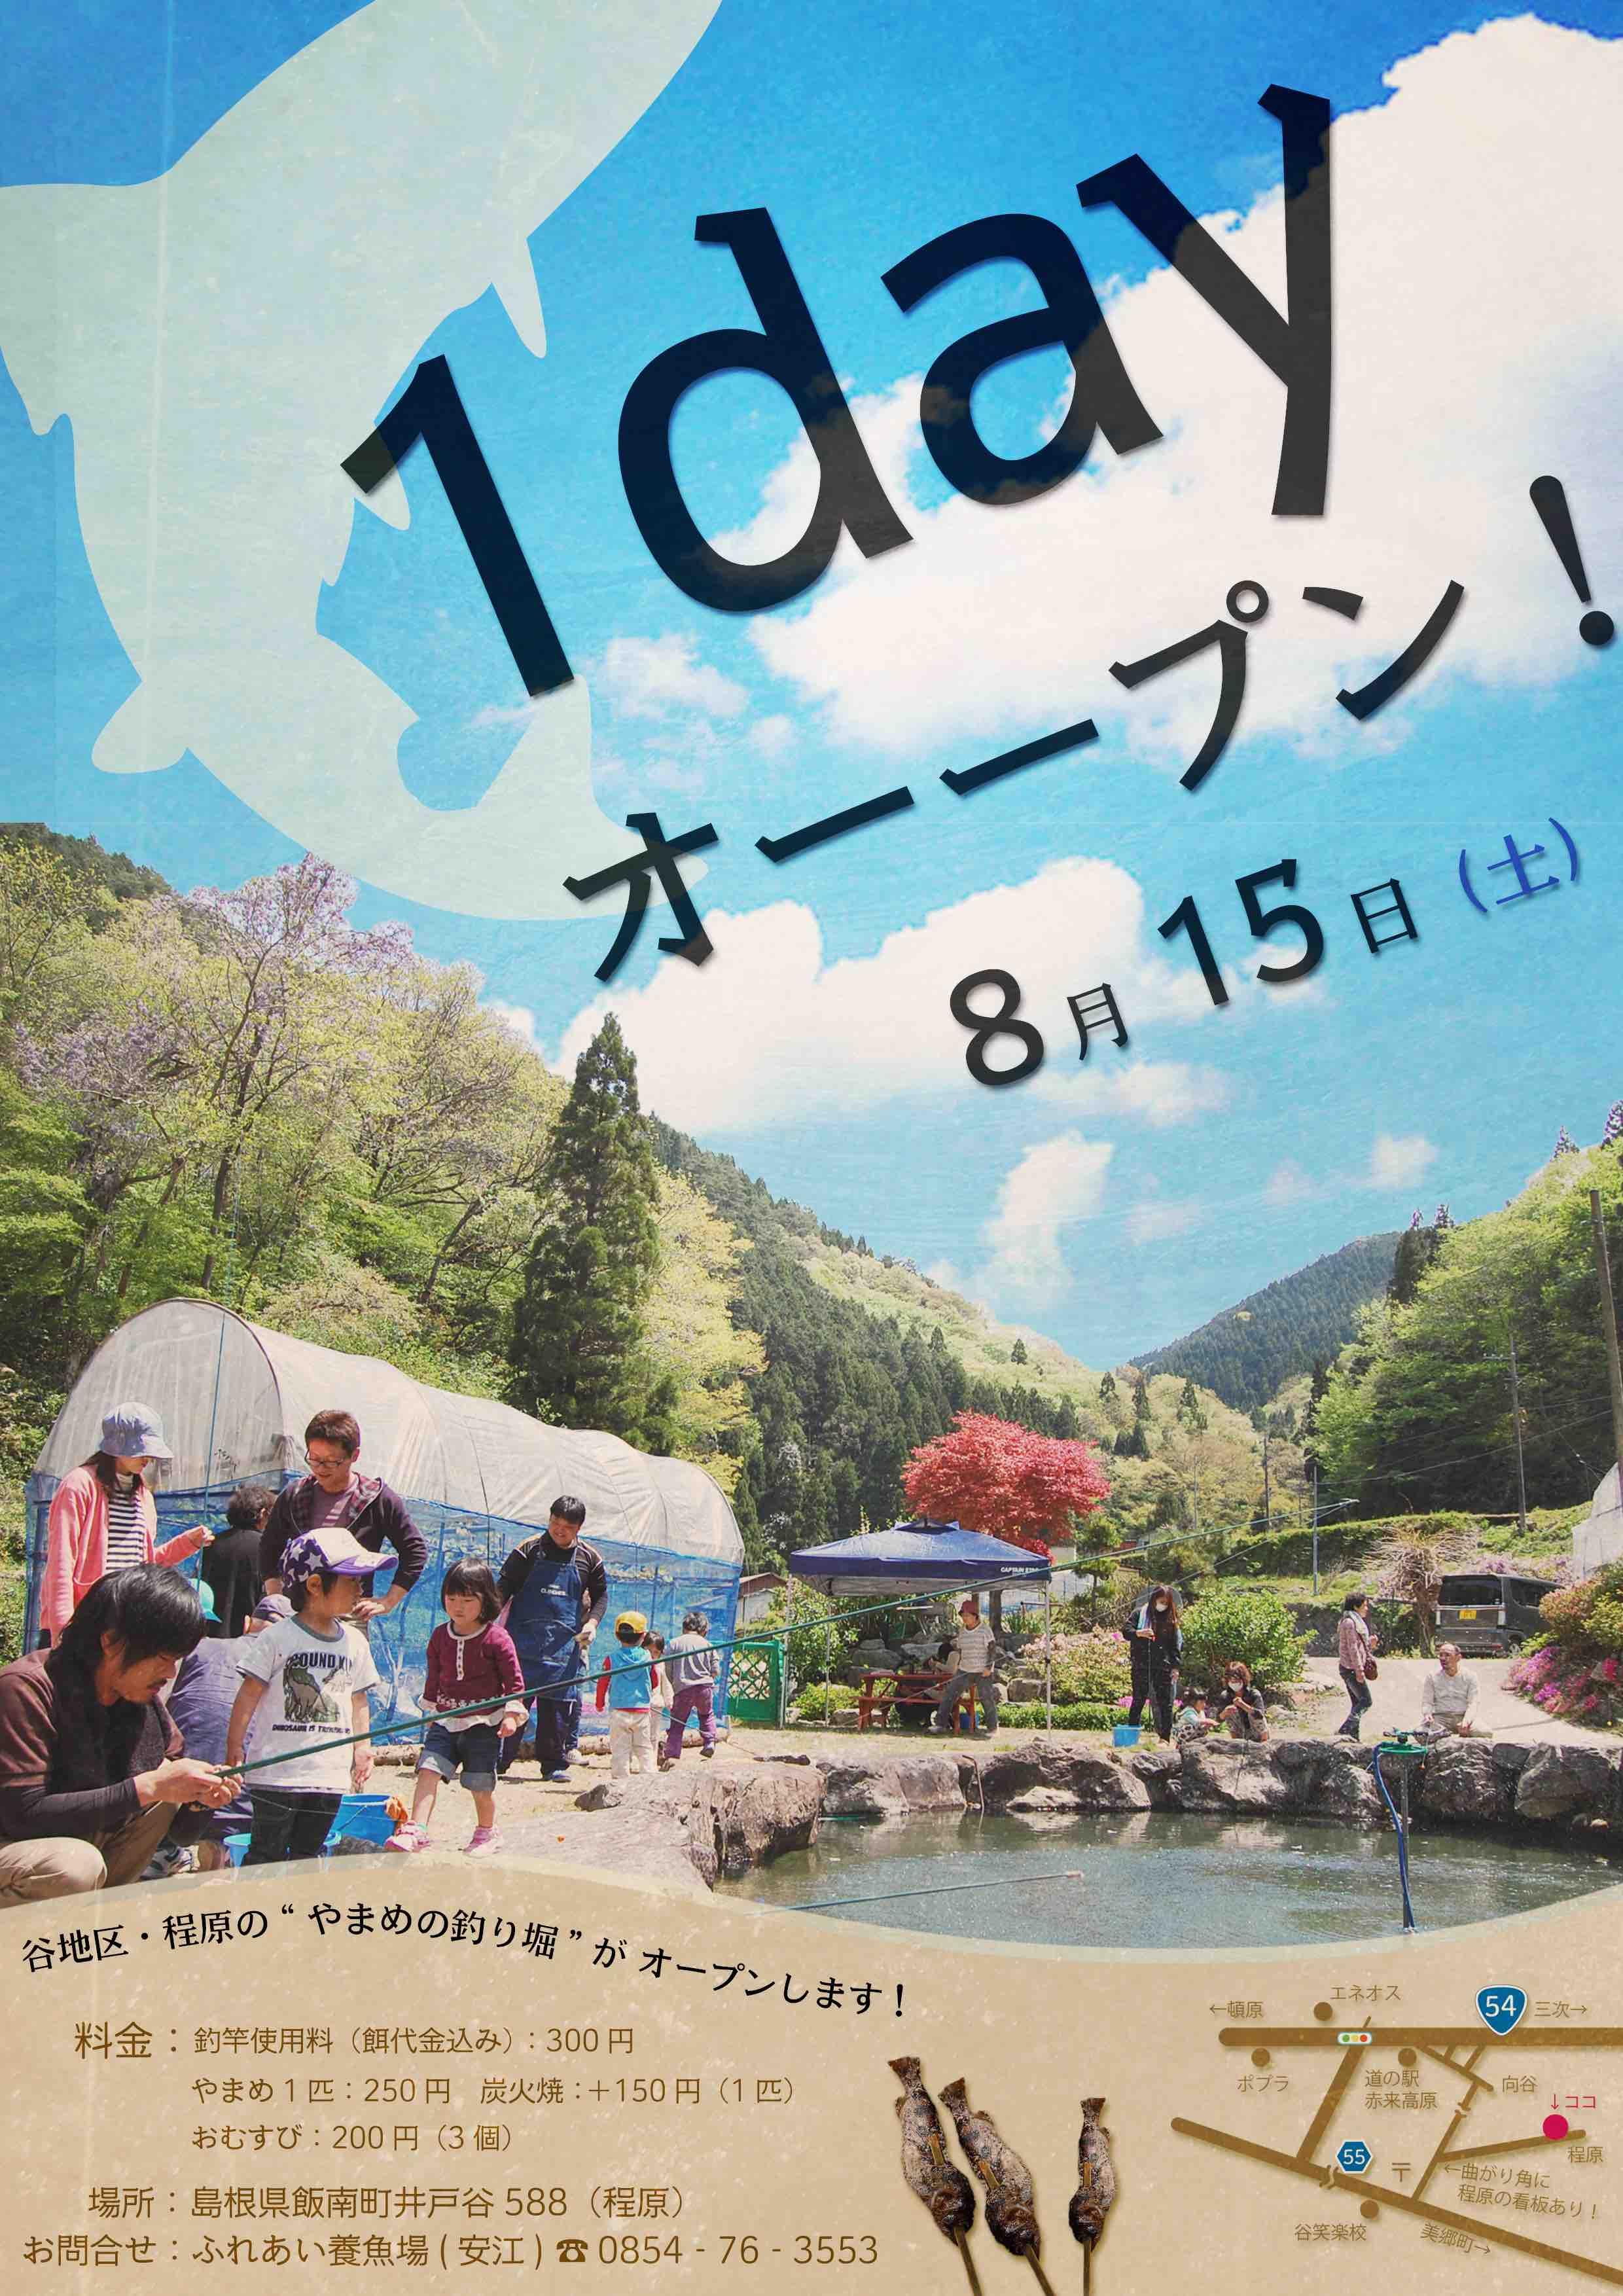 8月15日1dayオープン2